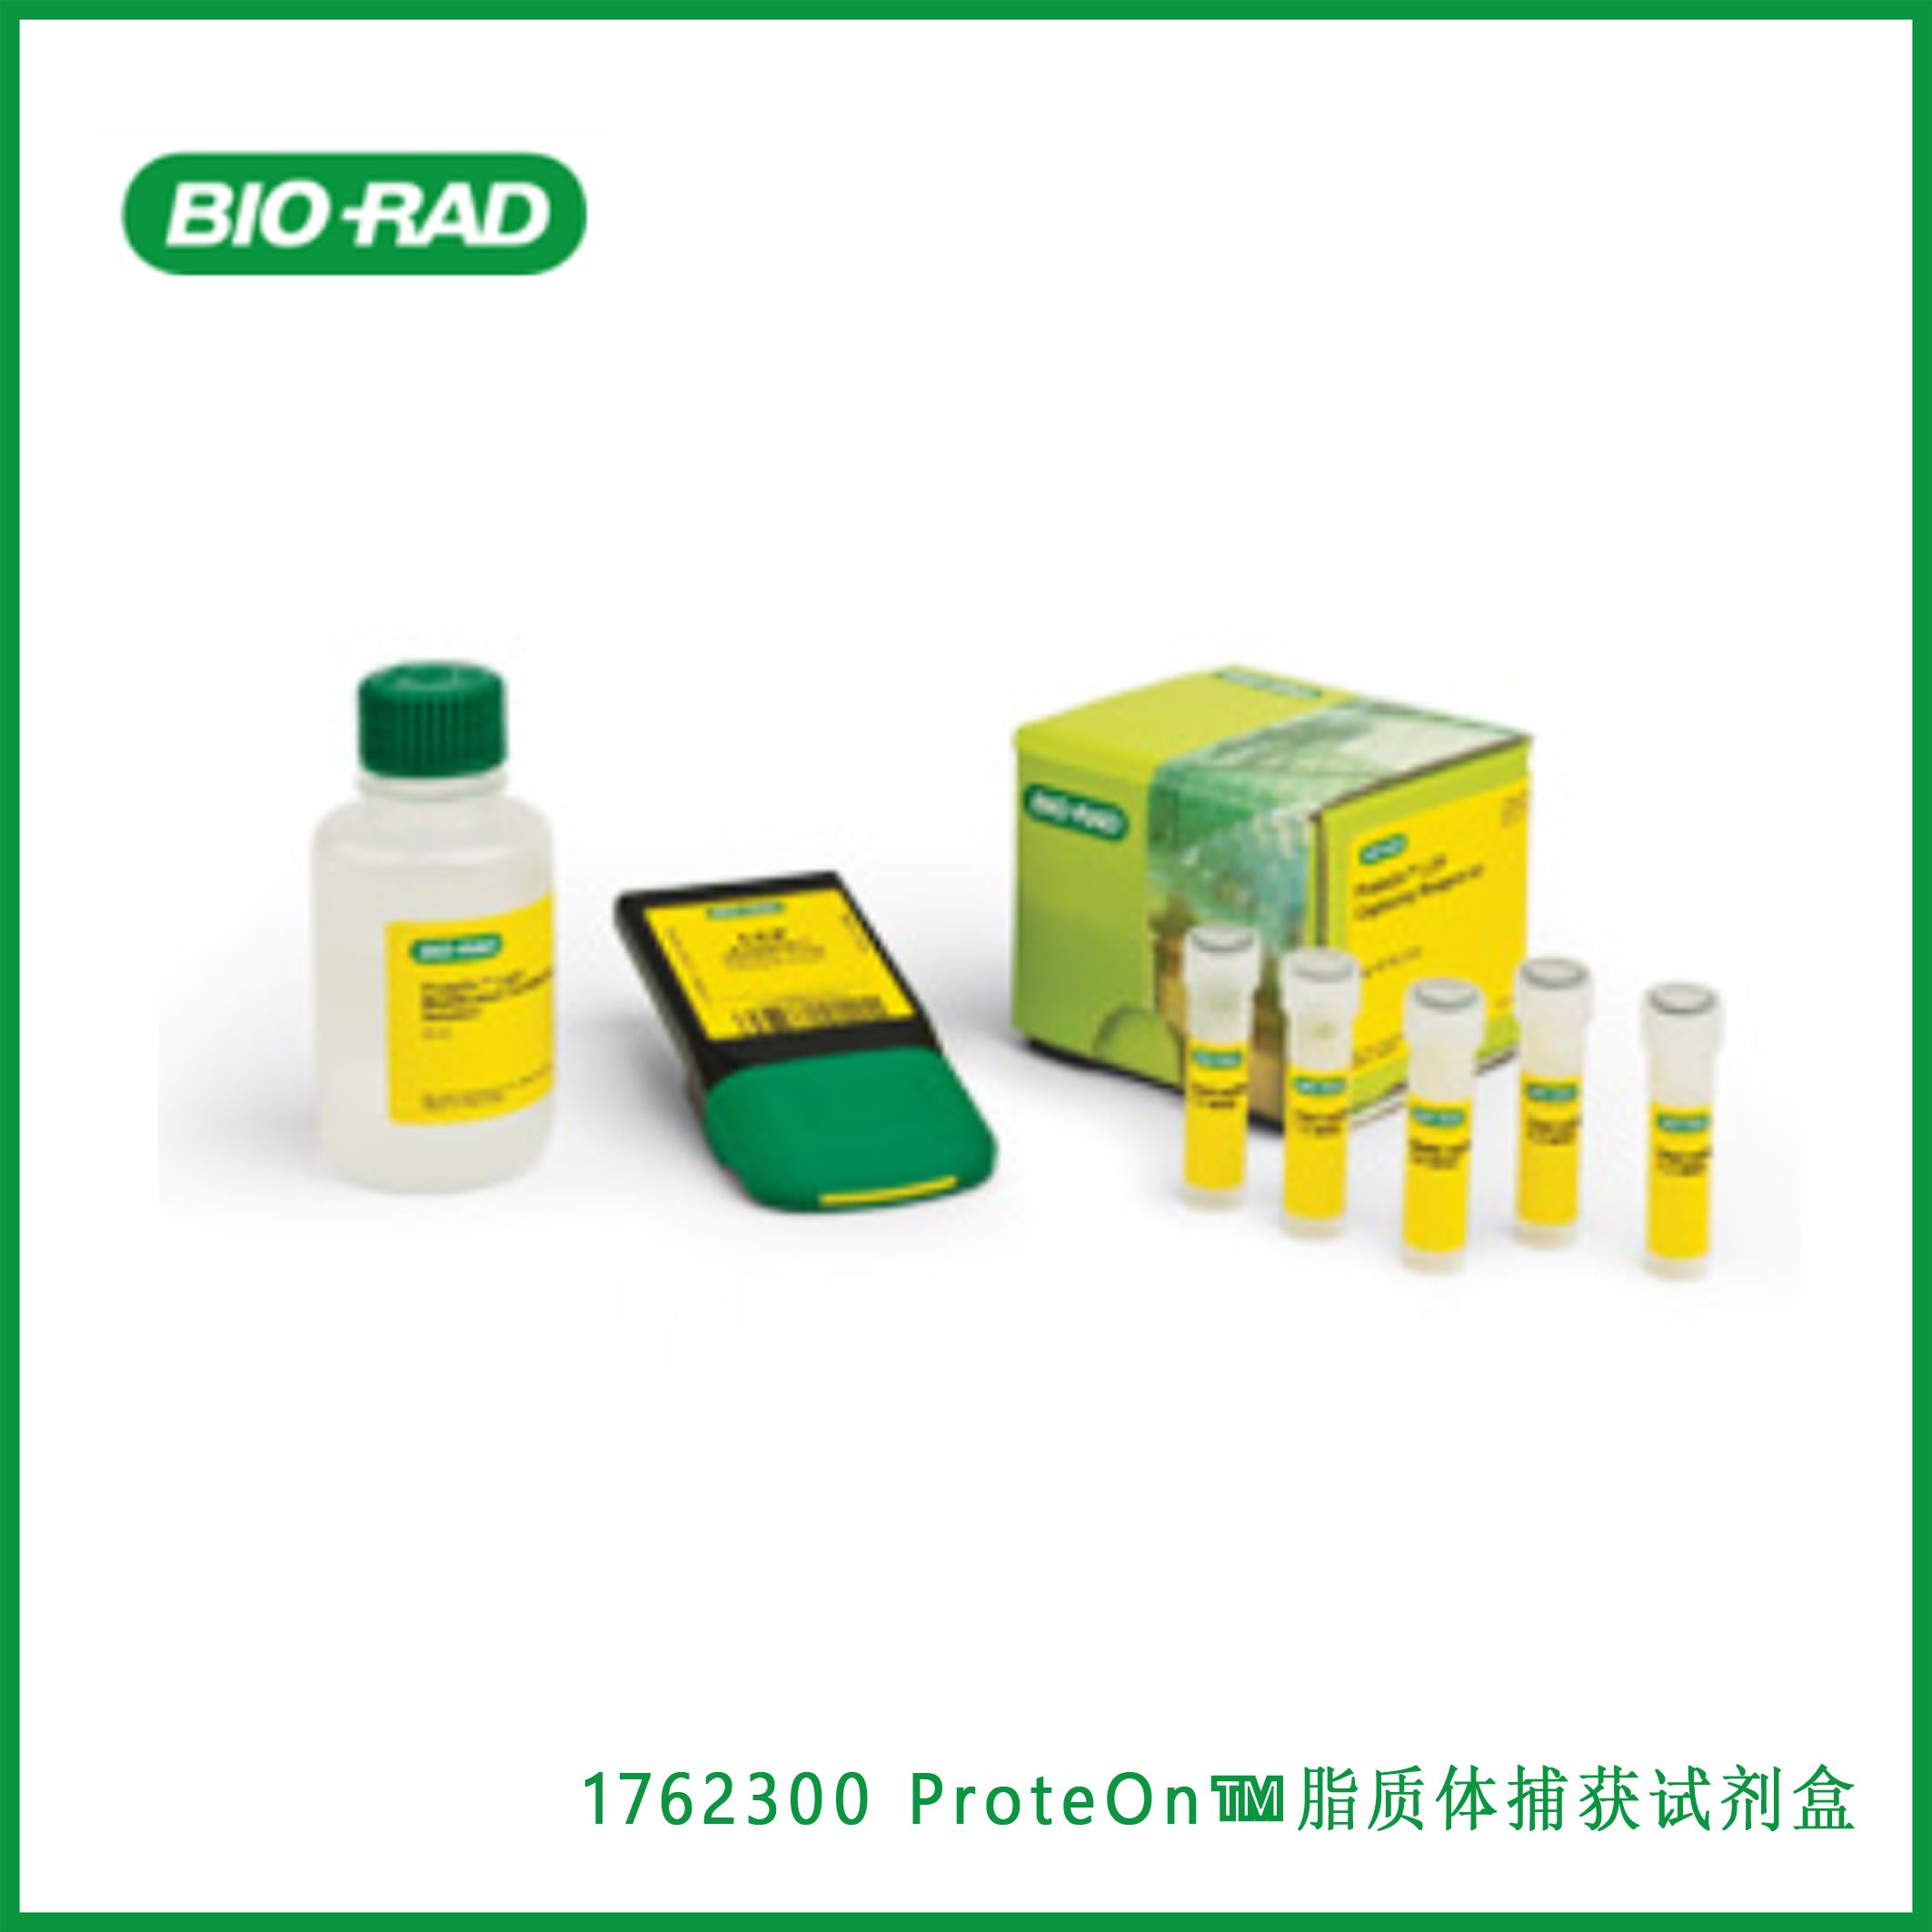 伯乐Bio-Rad1762300ProteOn™ Liposome Capturing Kit,ProteOn™脂质体捕获试剂盒,现货